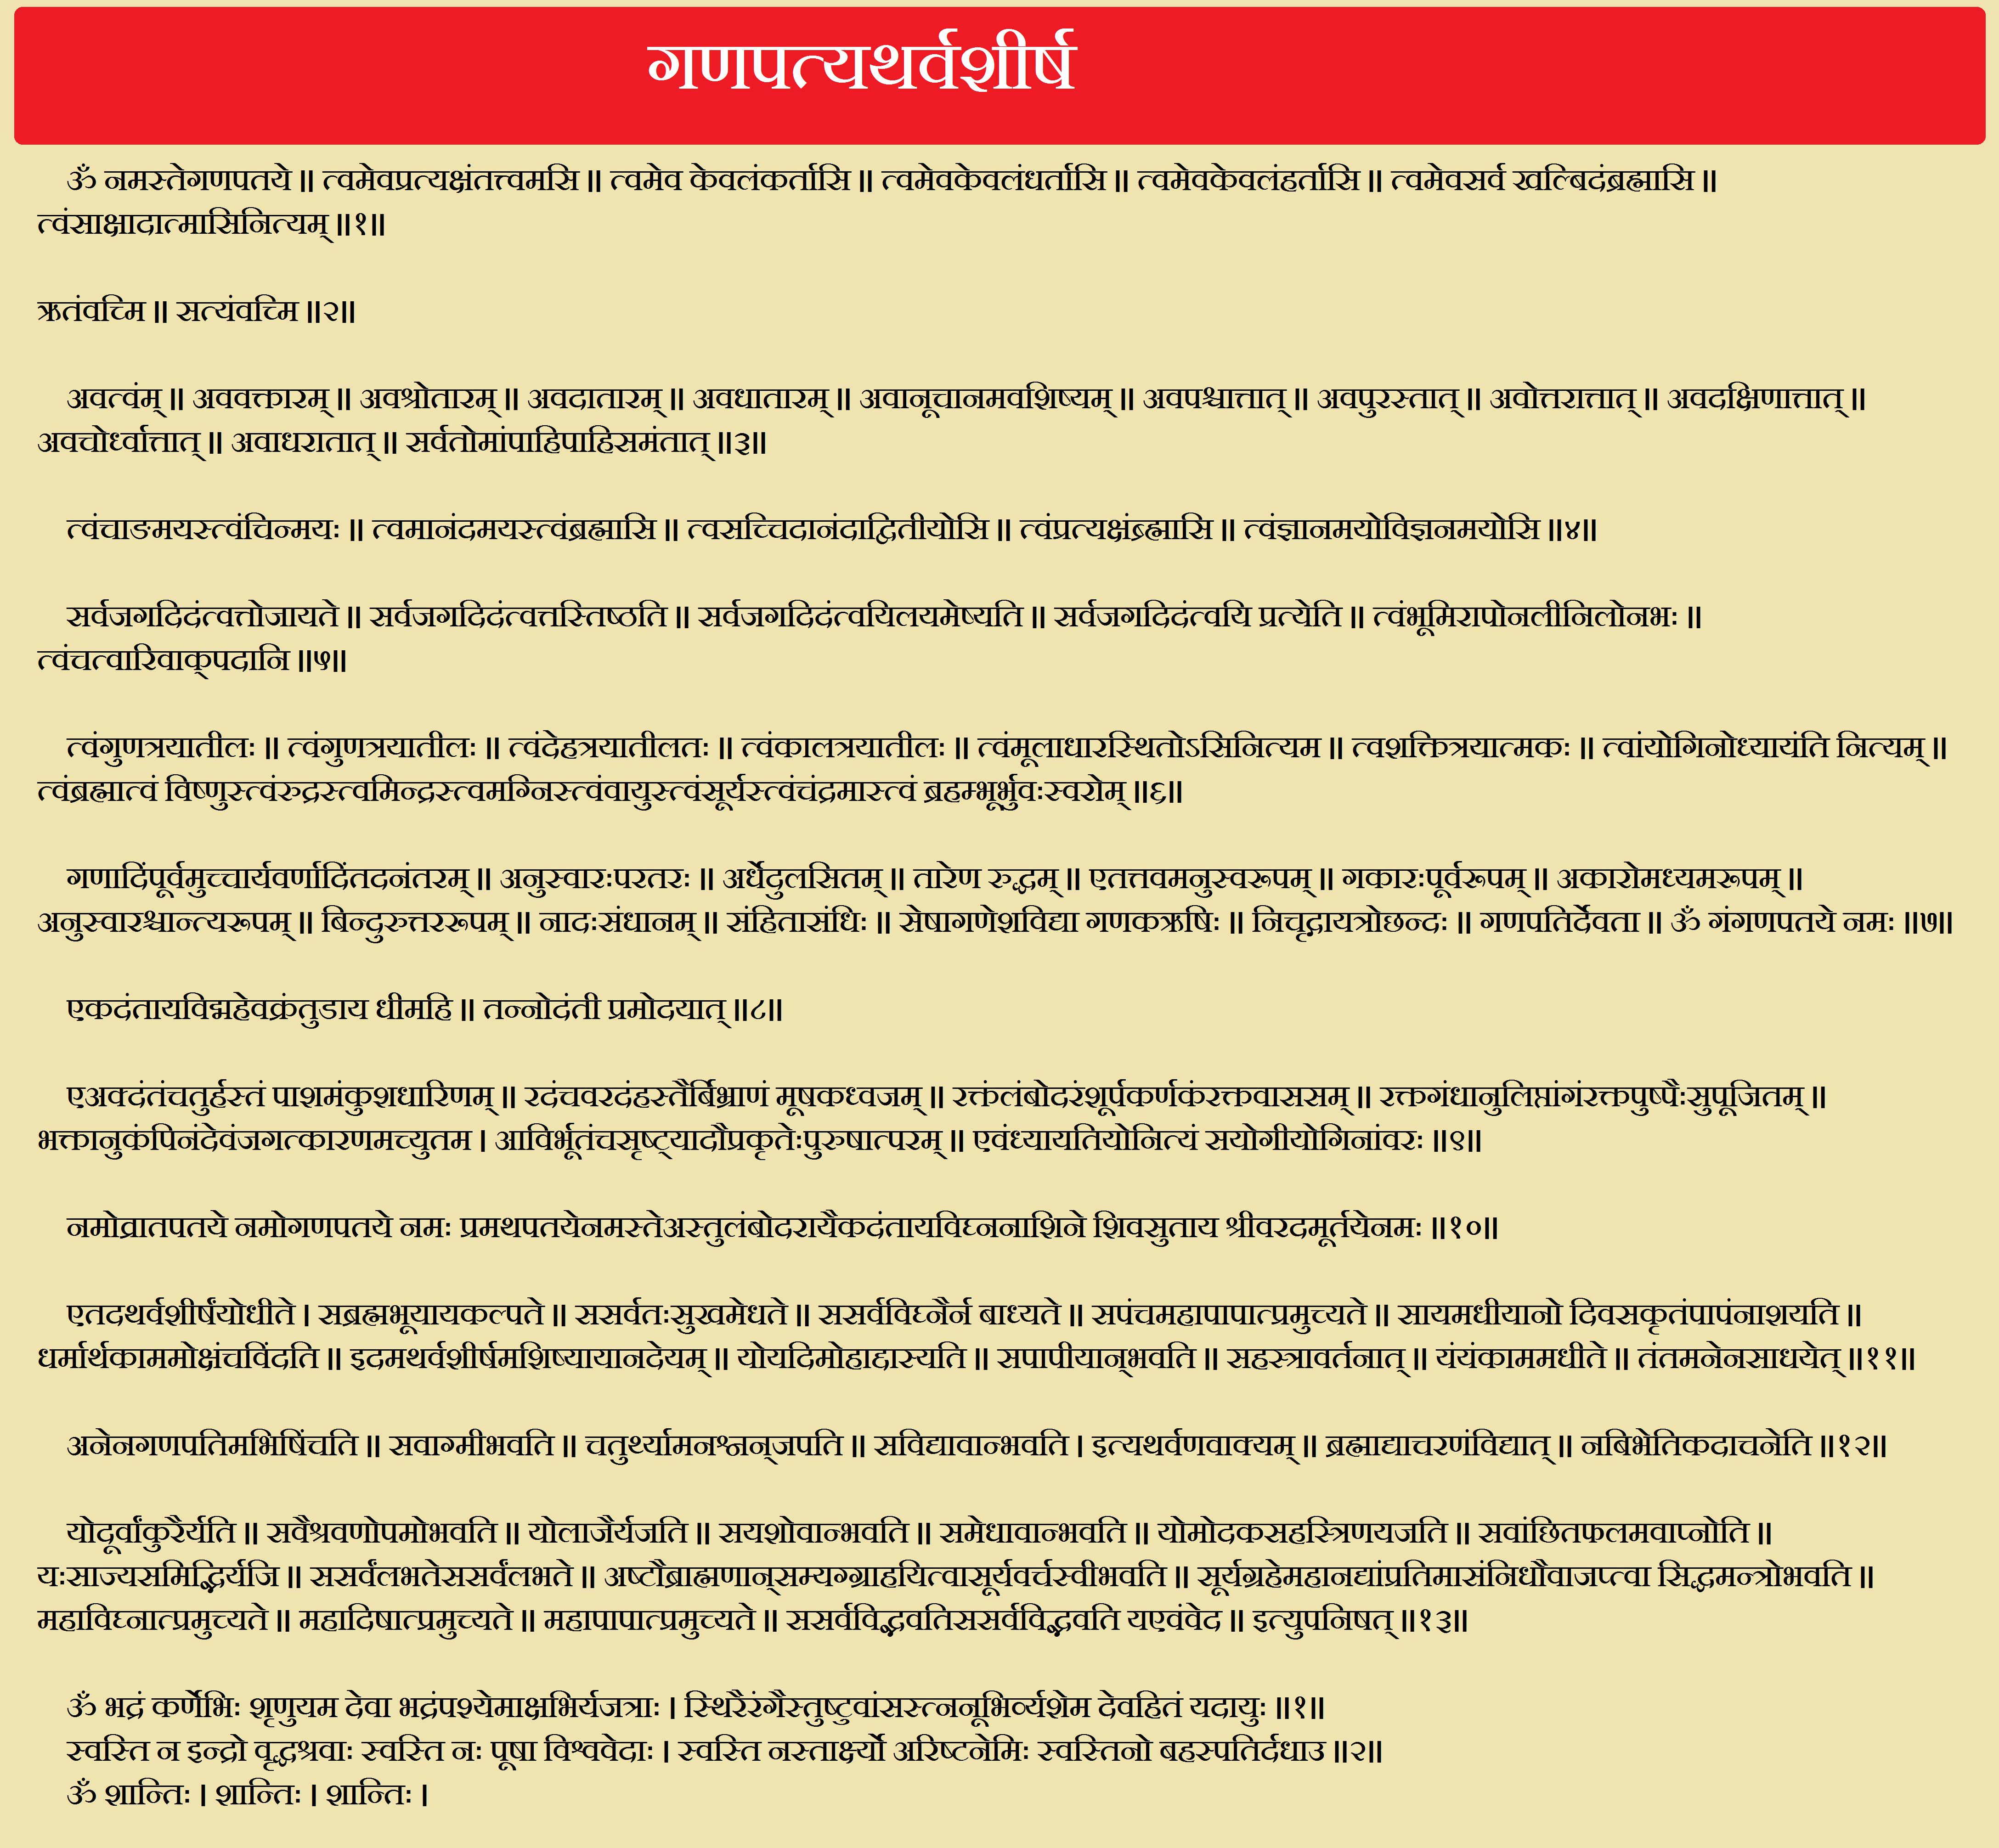 Ganapati Atharvashirsha | HinduFaqs